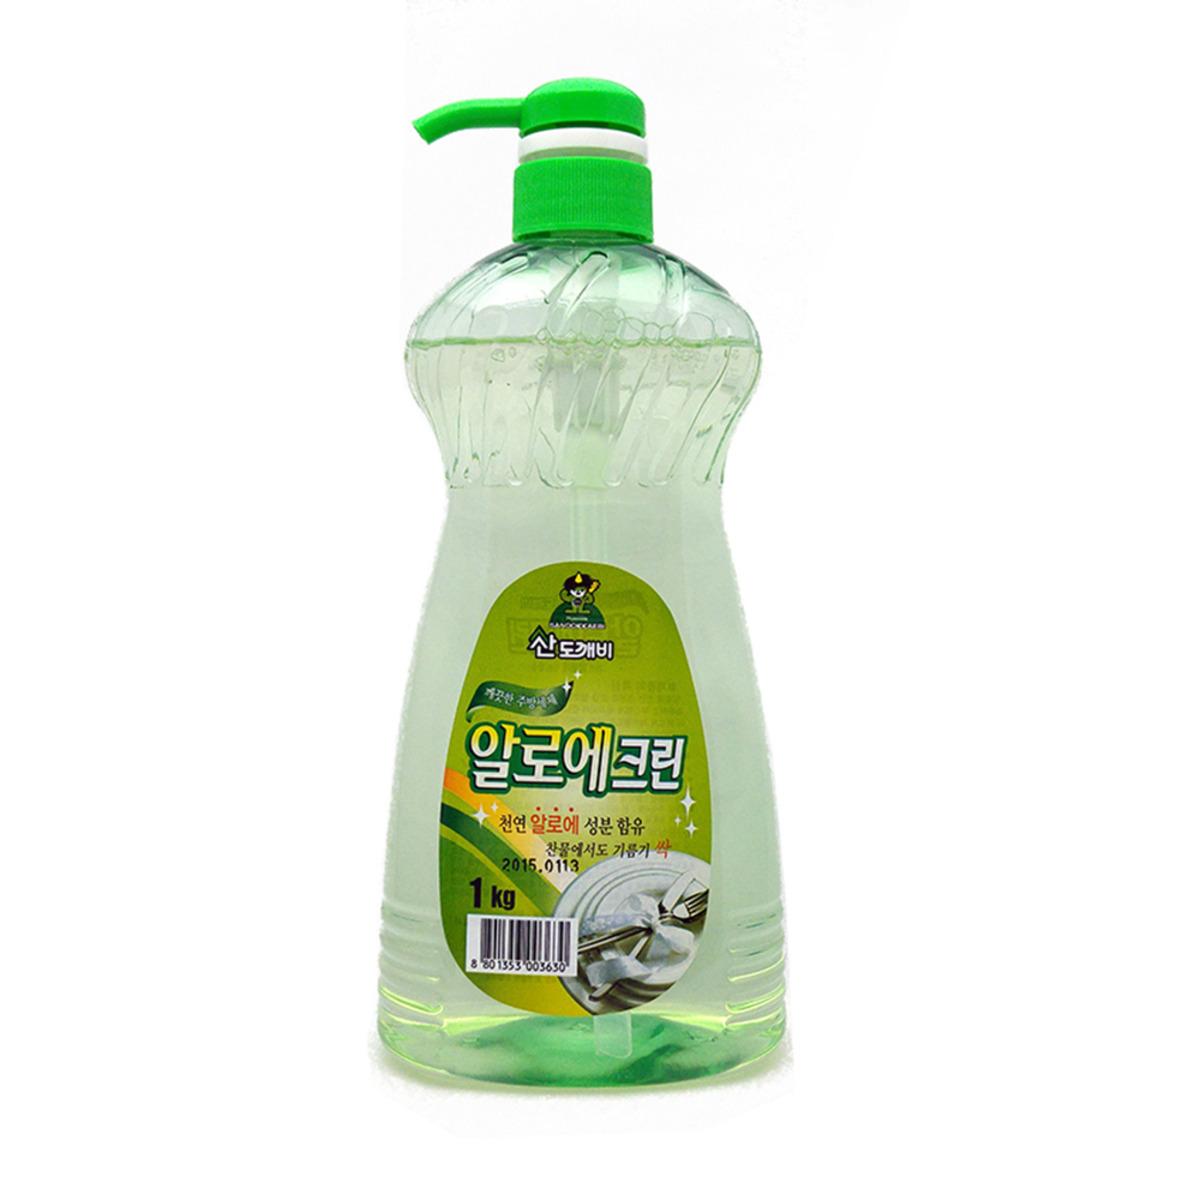 天然蘆薈洗潔精 (1000克)